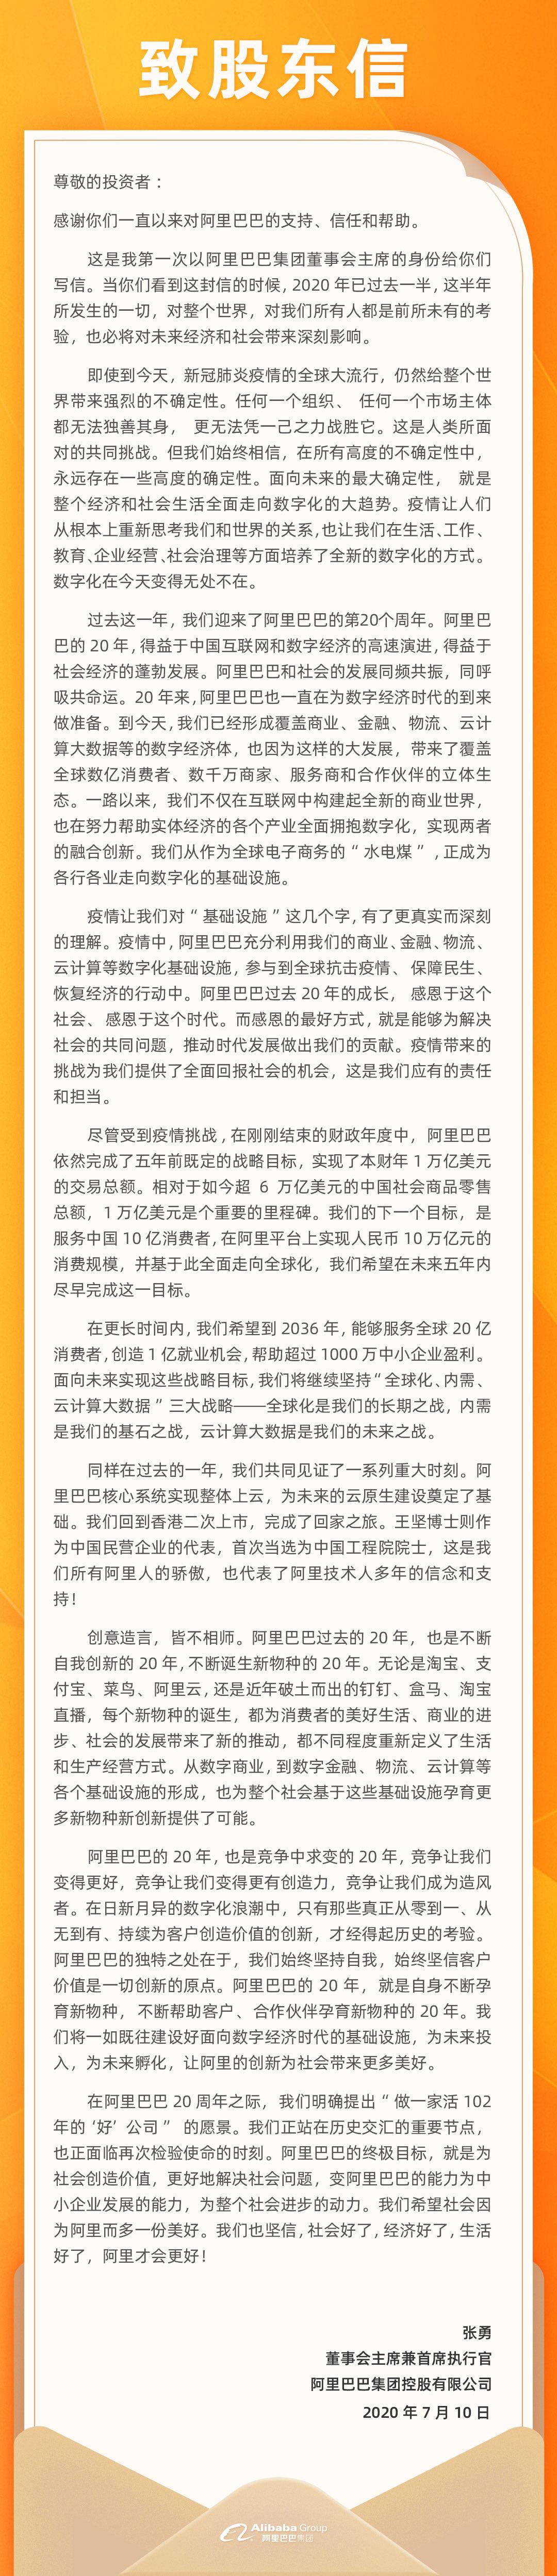 张勇发表致股东信:阿里巴巴终极目标是为社会创造价值